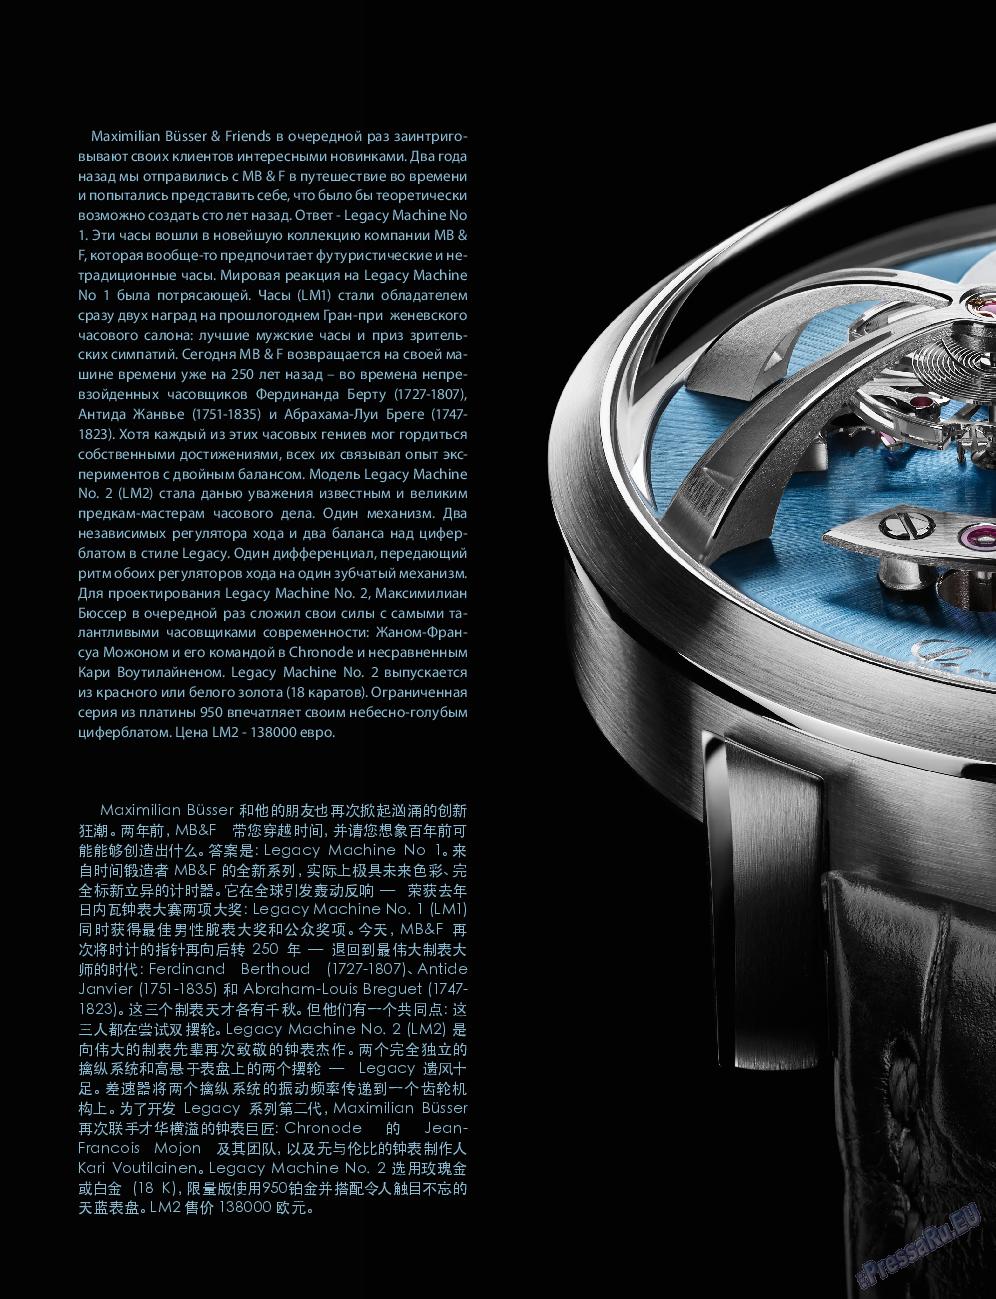 Клан (журнал). 2013 год, номер 5, стр. 106